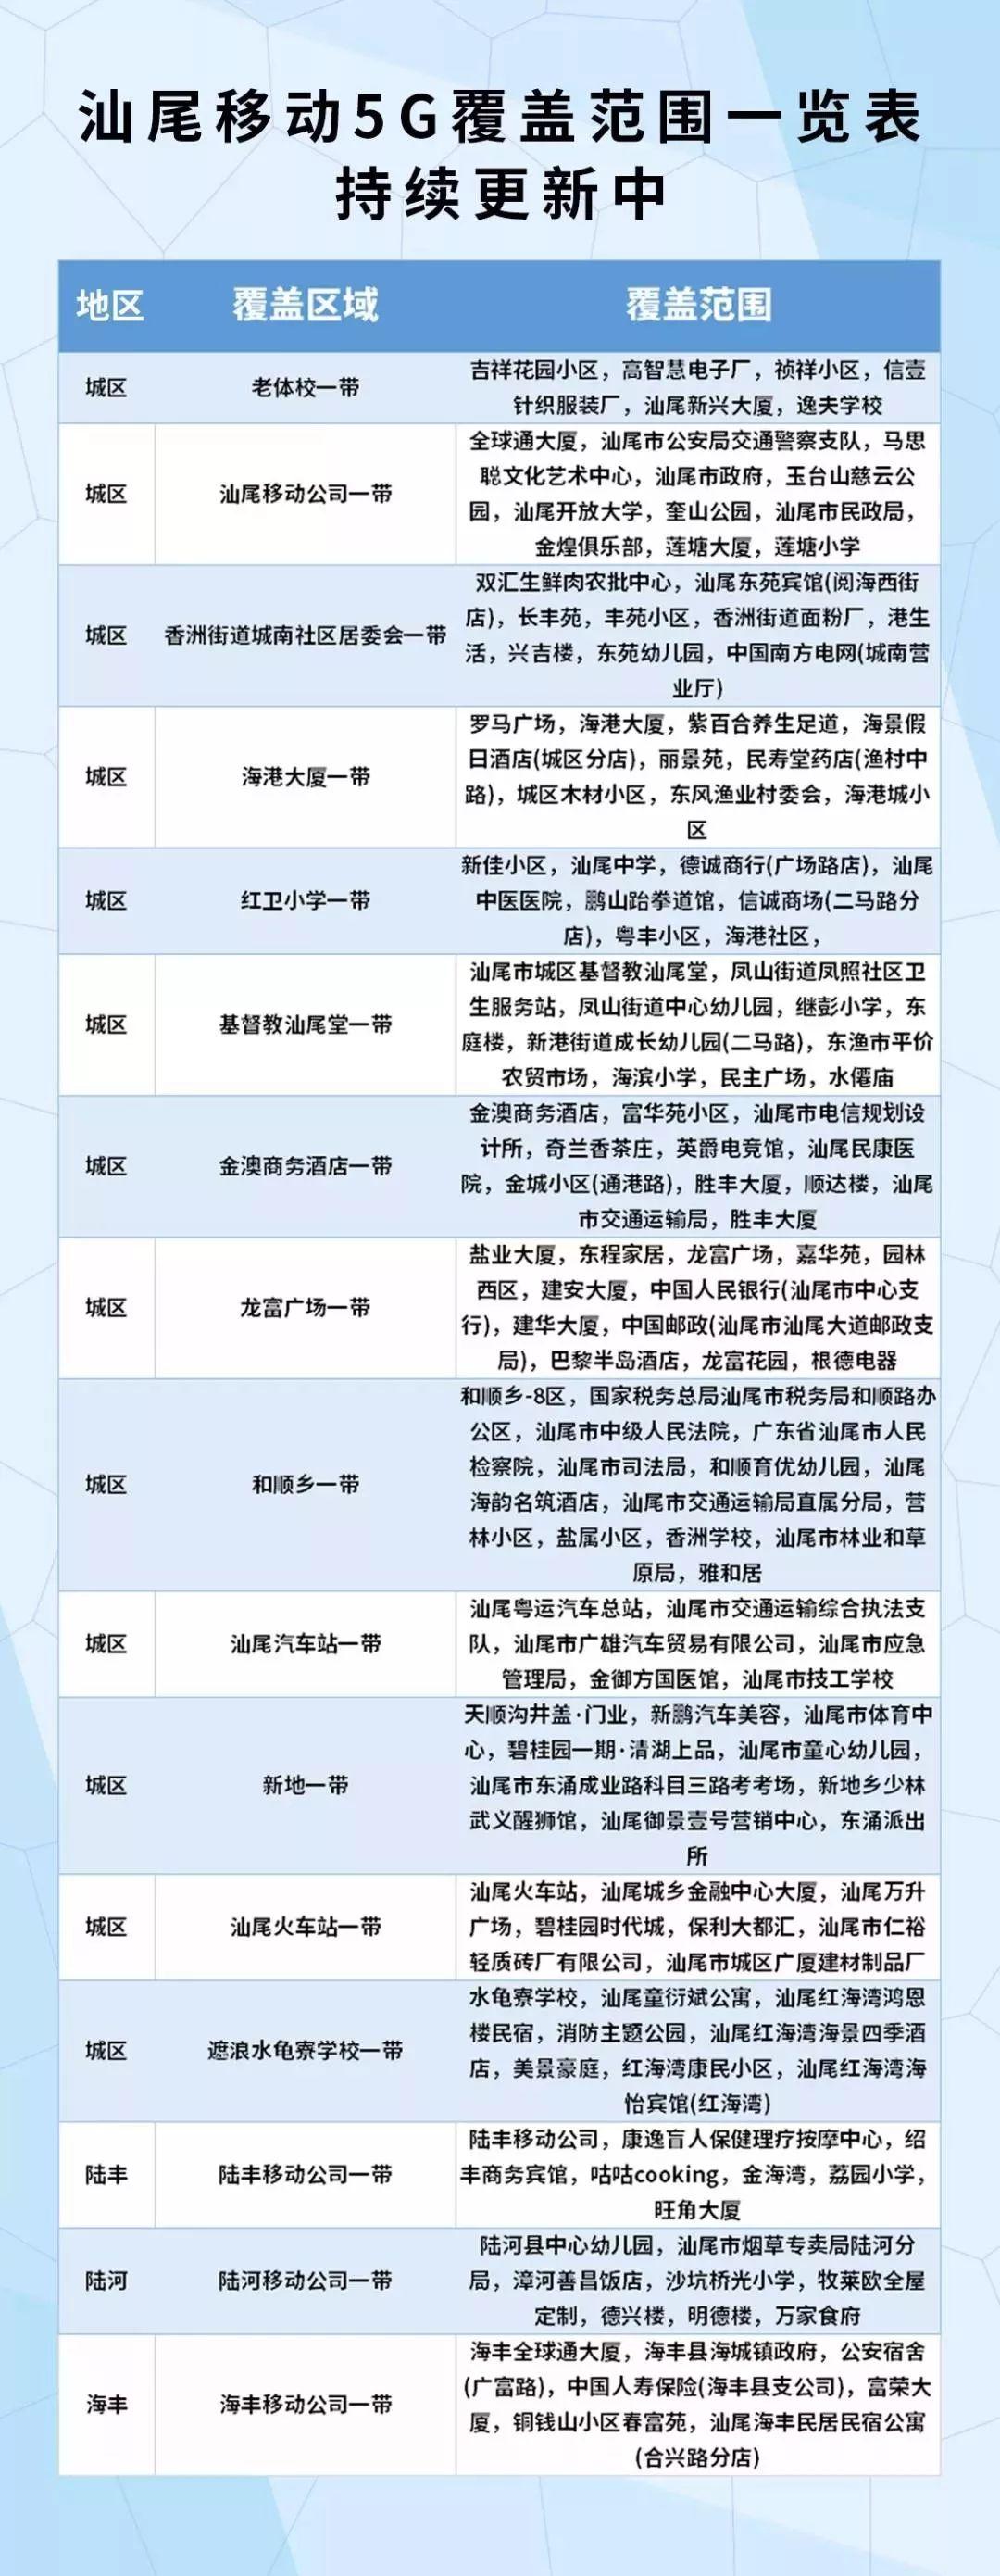 汕尾移动公布汕尾5G覆盖区域 汕尾新闻